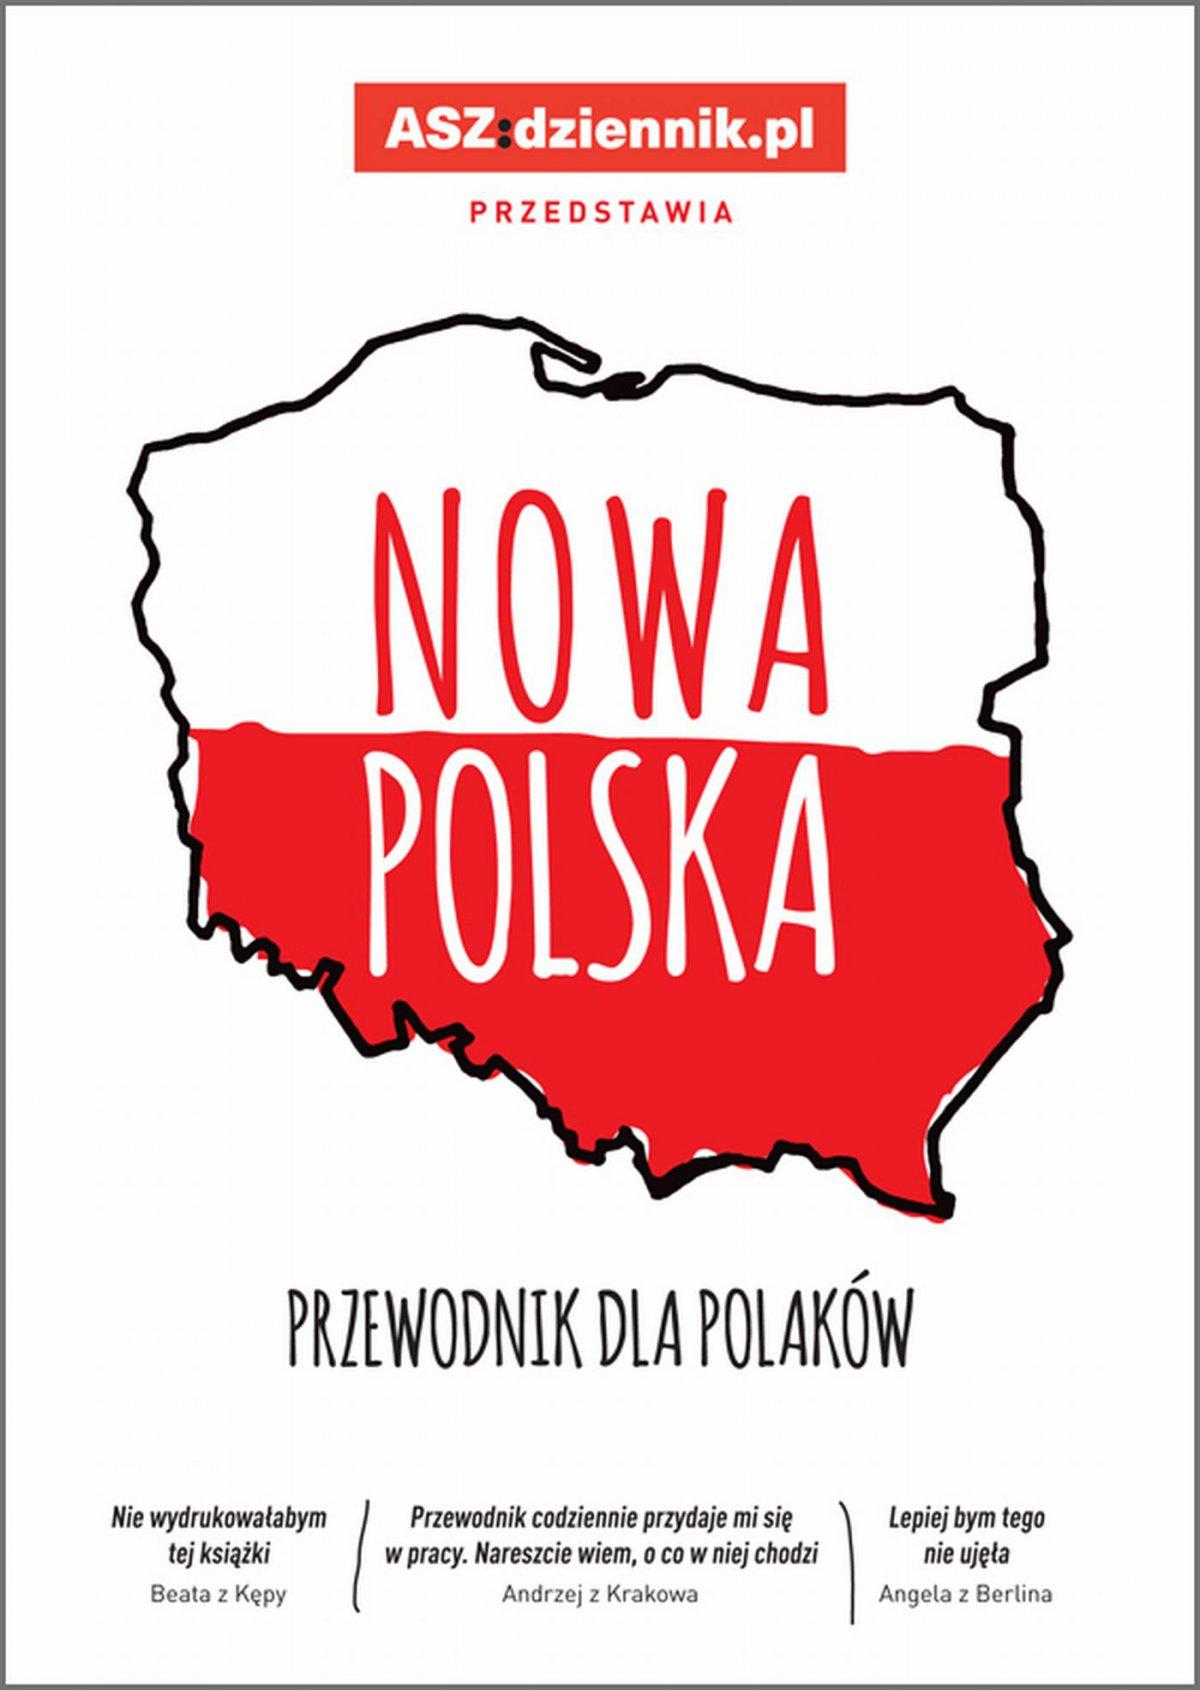 Nowa Polska. Przewodnik dla Polaków - Ebook (Książka EPUB) do pobrania w formacie EPUB